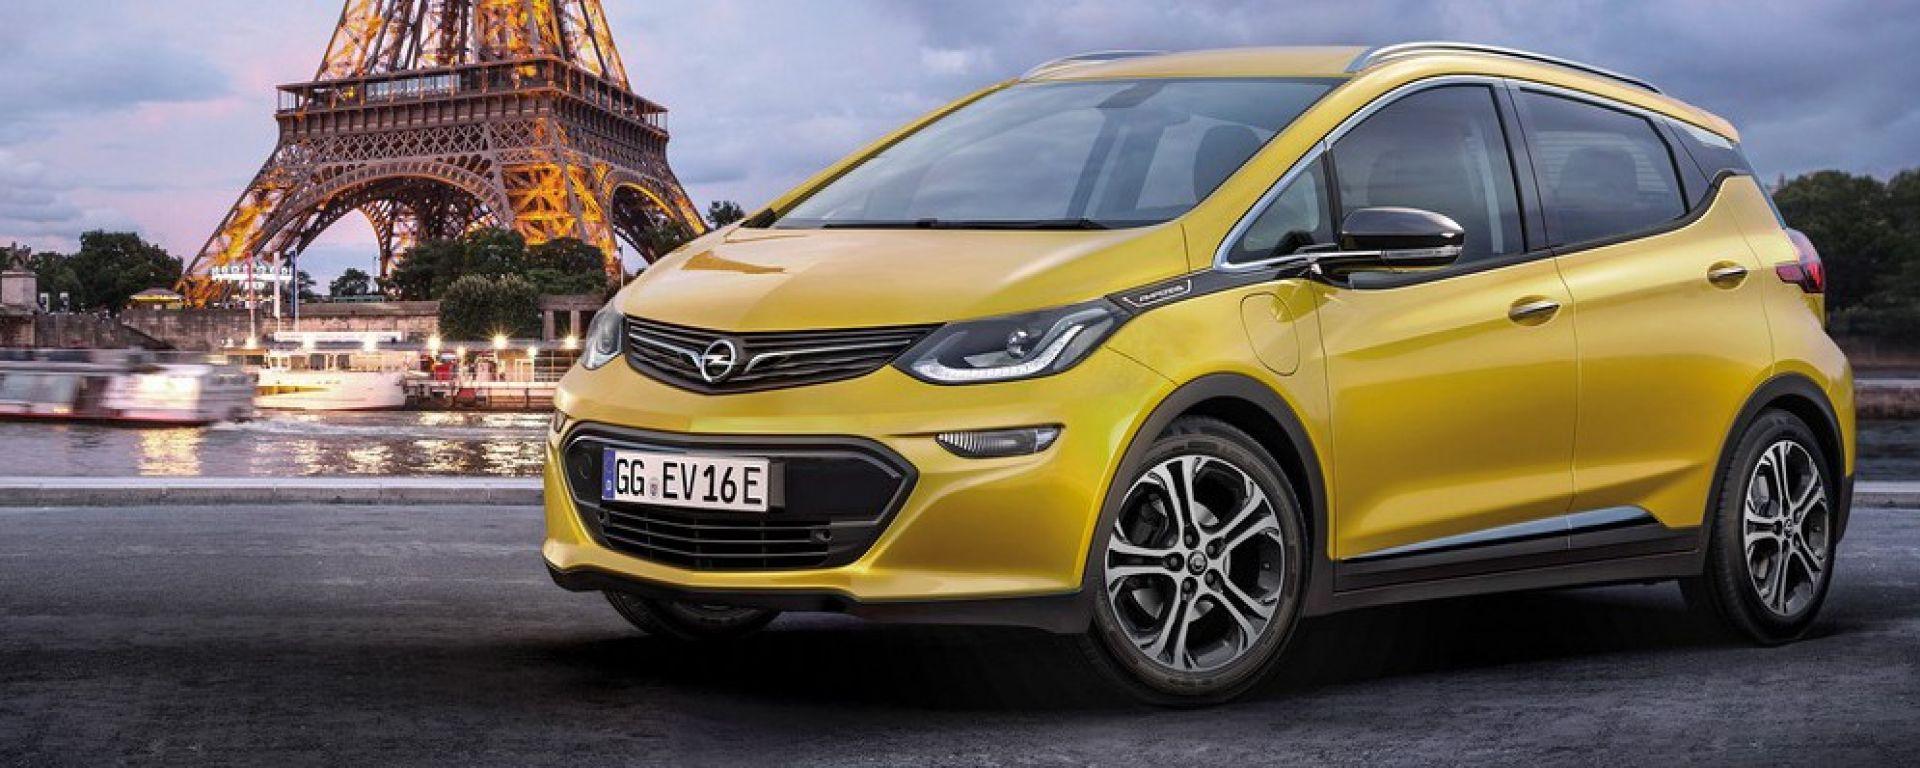 Opel Ampera-e: al salone di Parigi 2016 la gemella della Bolt EV (video)